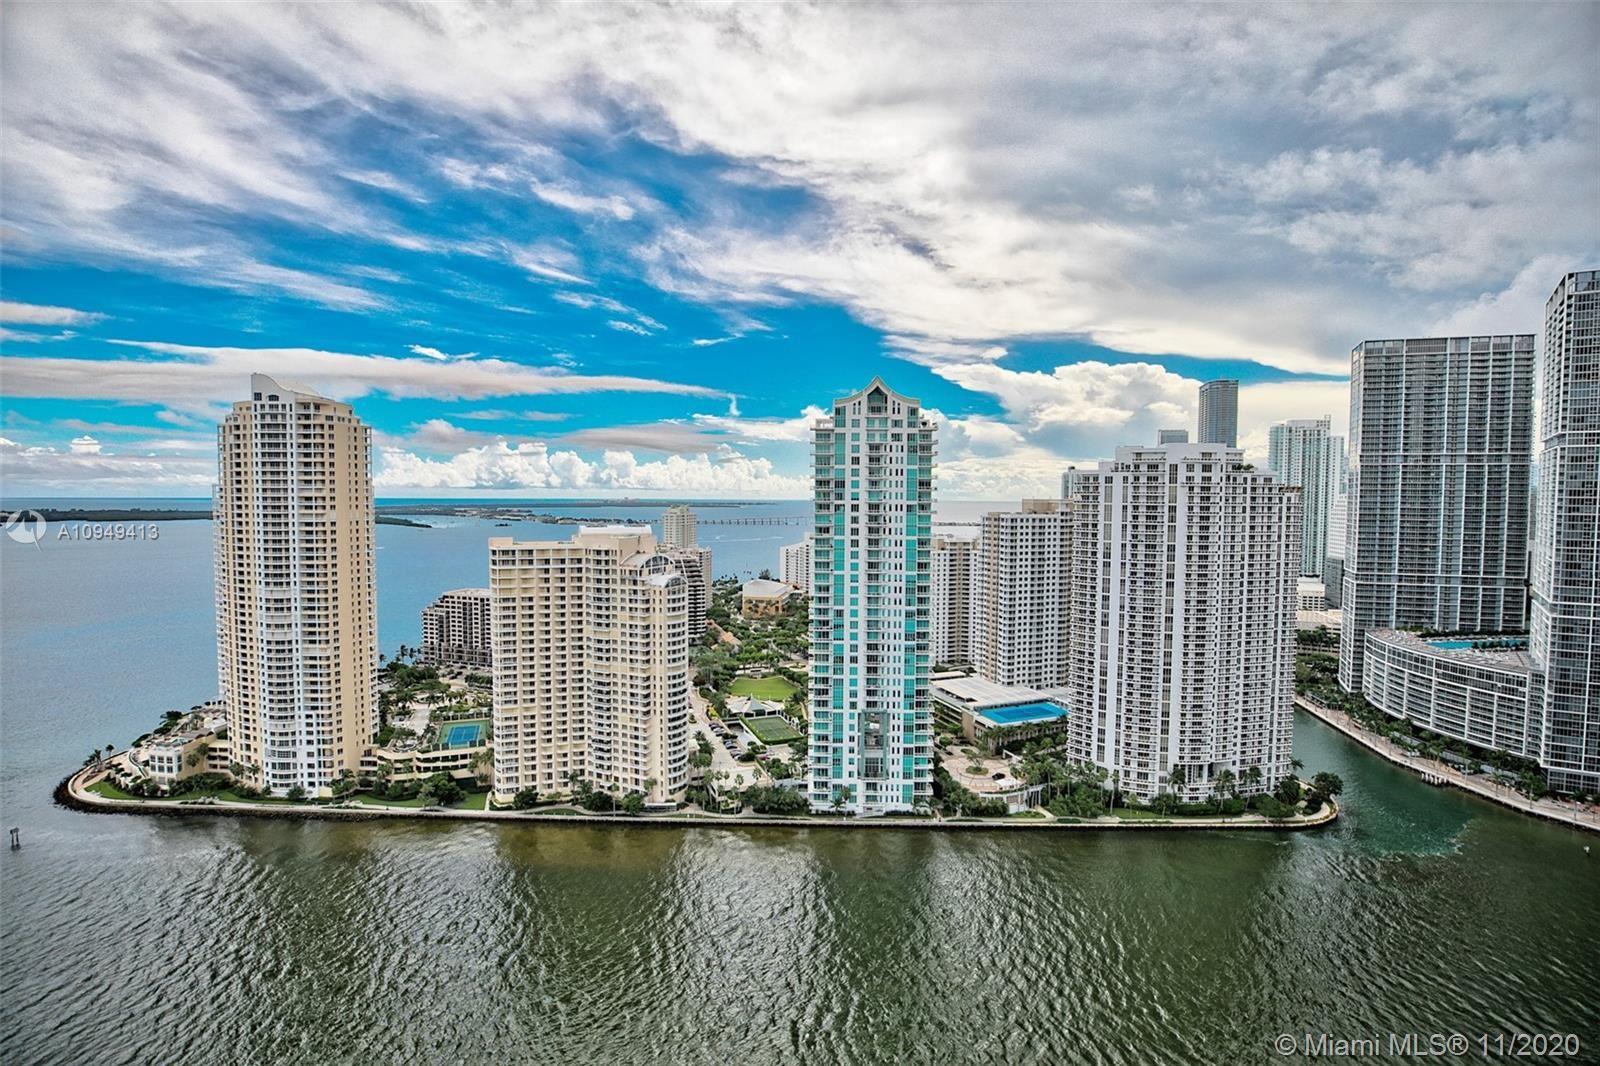 335 S Biscayne Blvd #4101, Miami, FL 33131 - #: A10949413